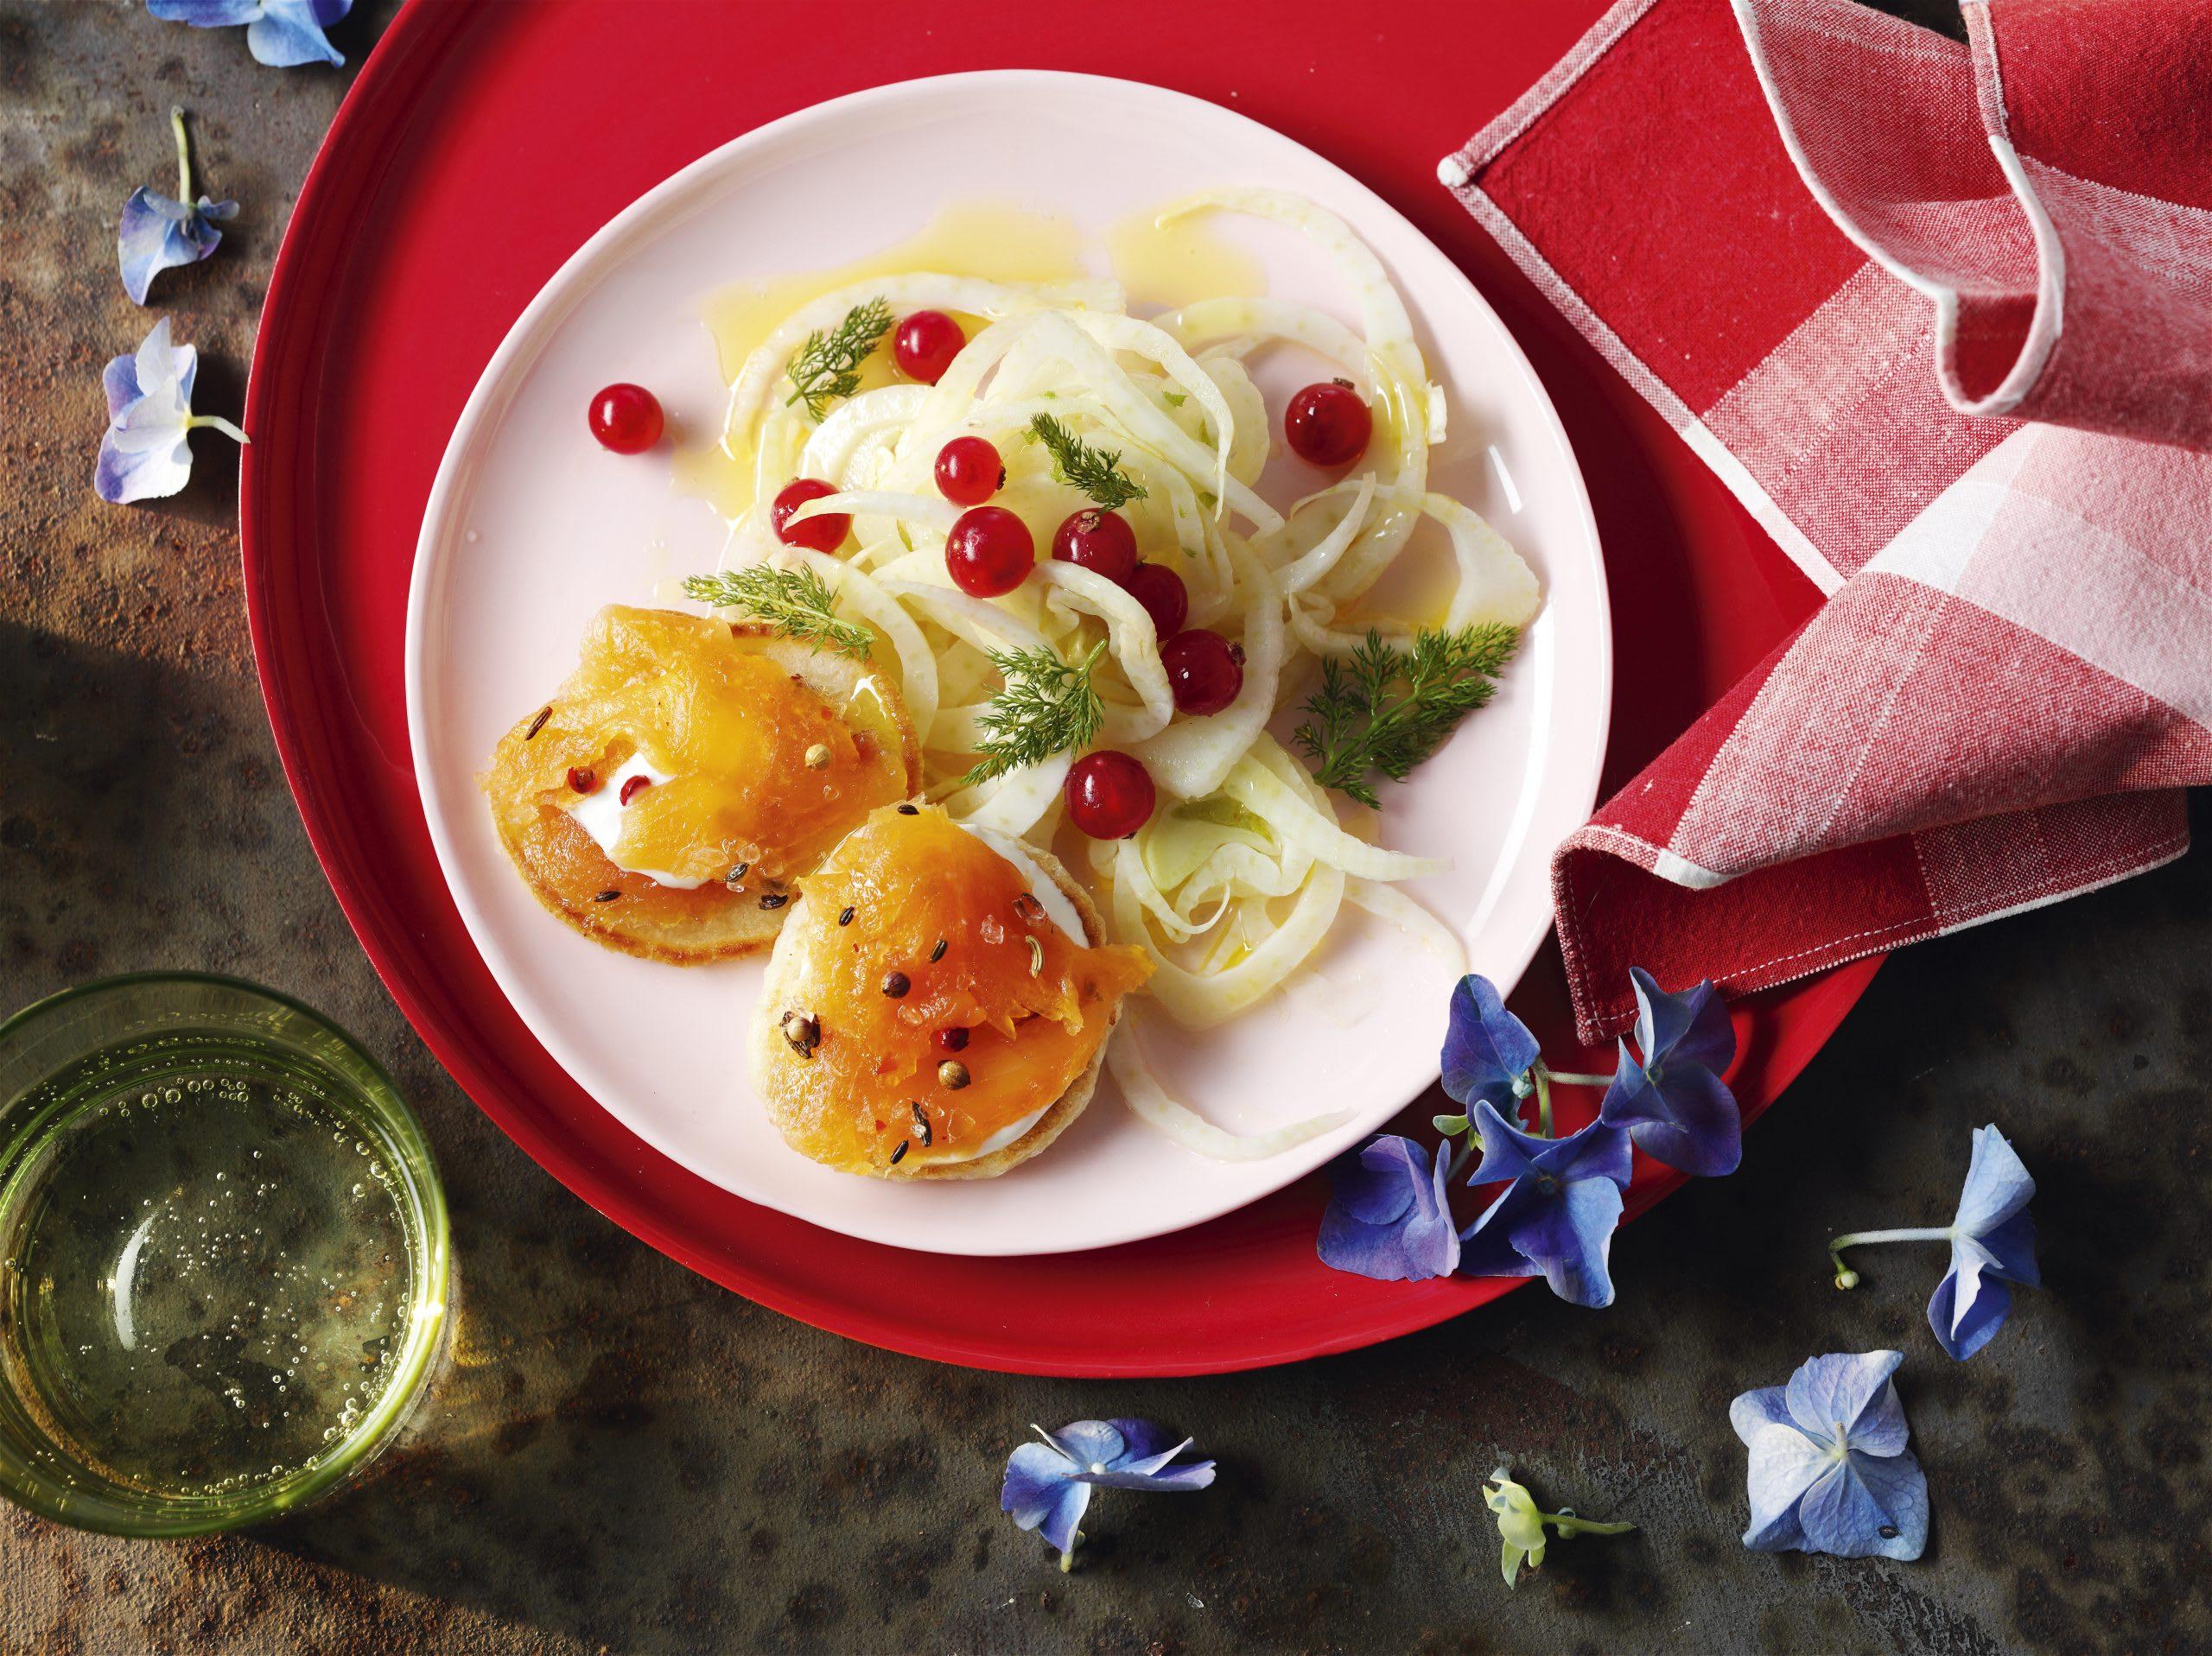 Gravlax d'omble chevalier, blinis, fenouil et raisinets